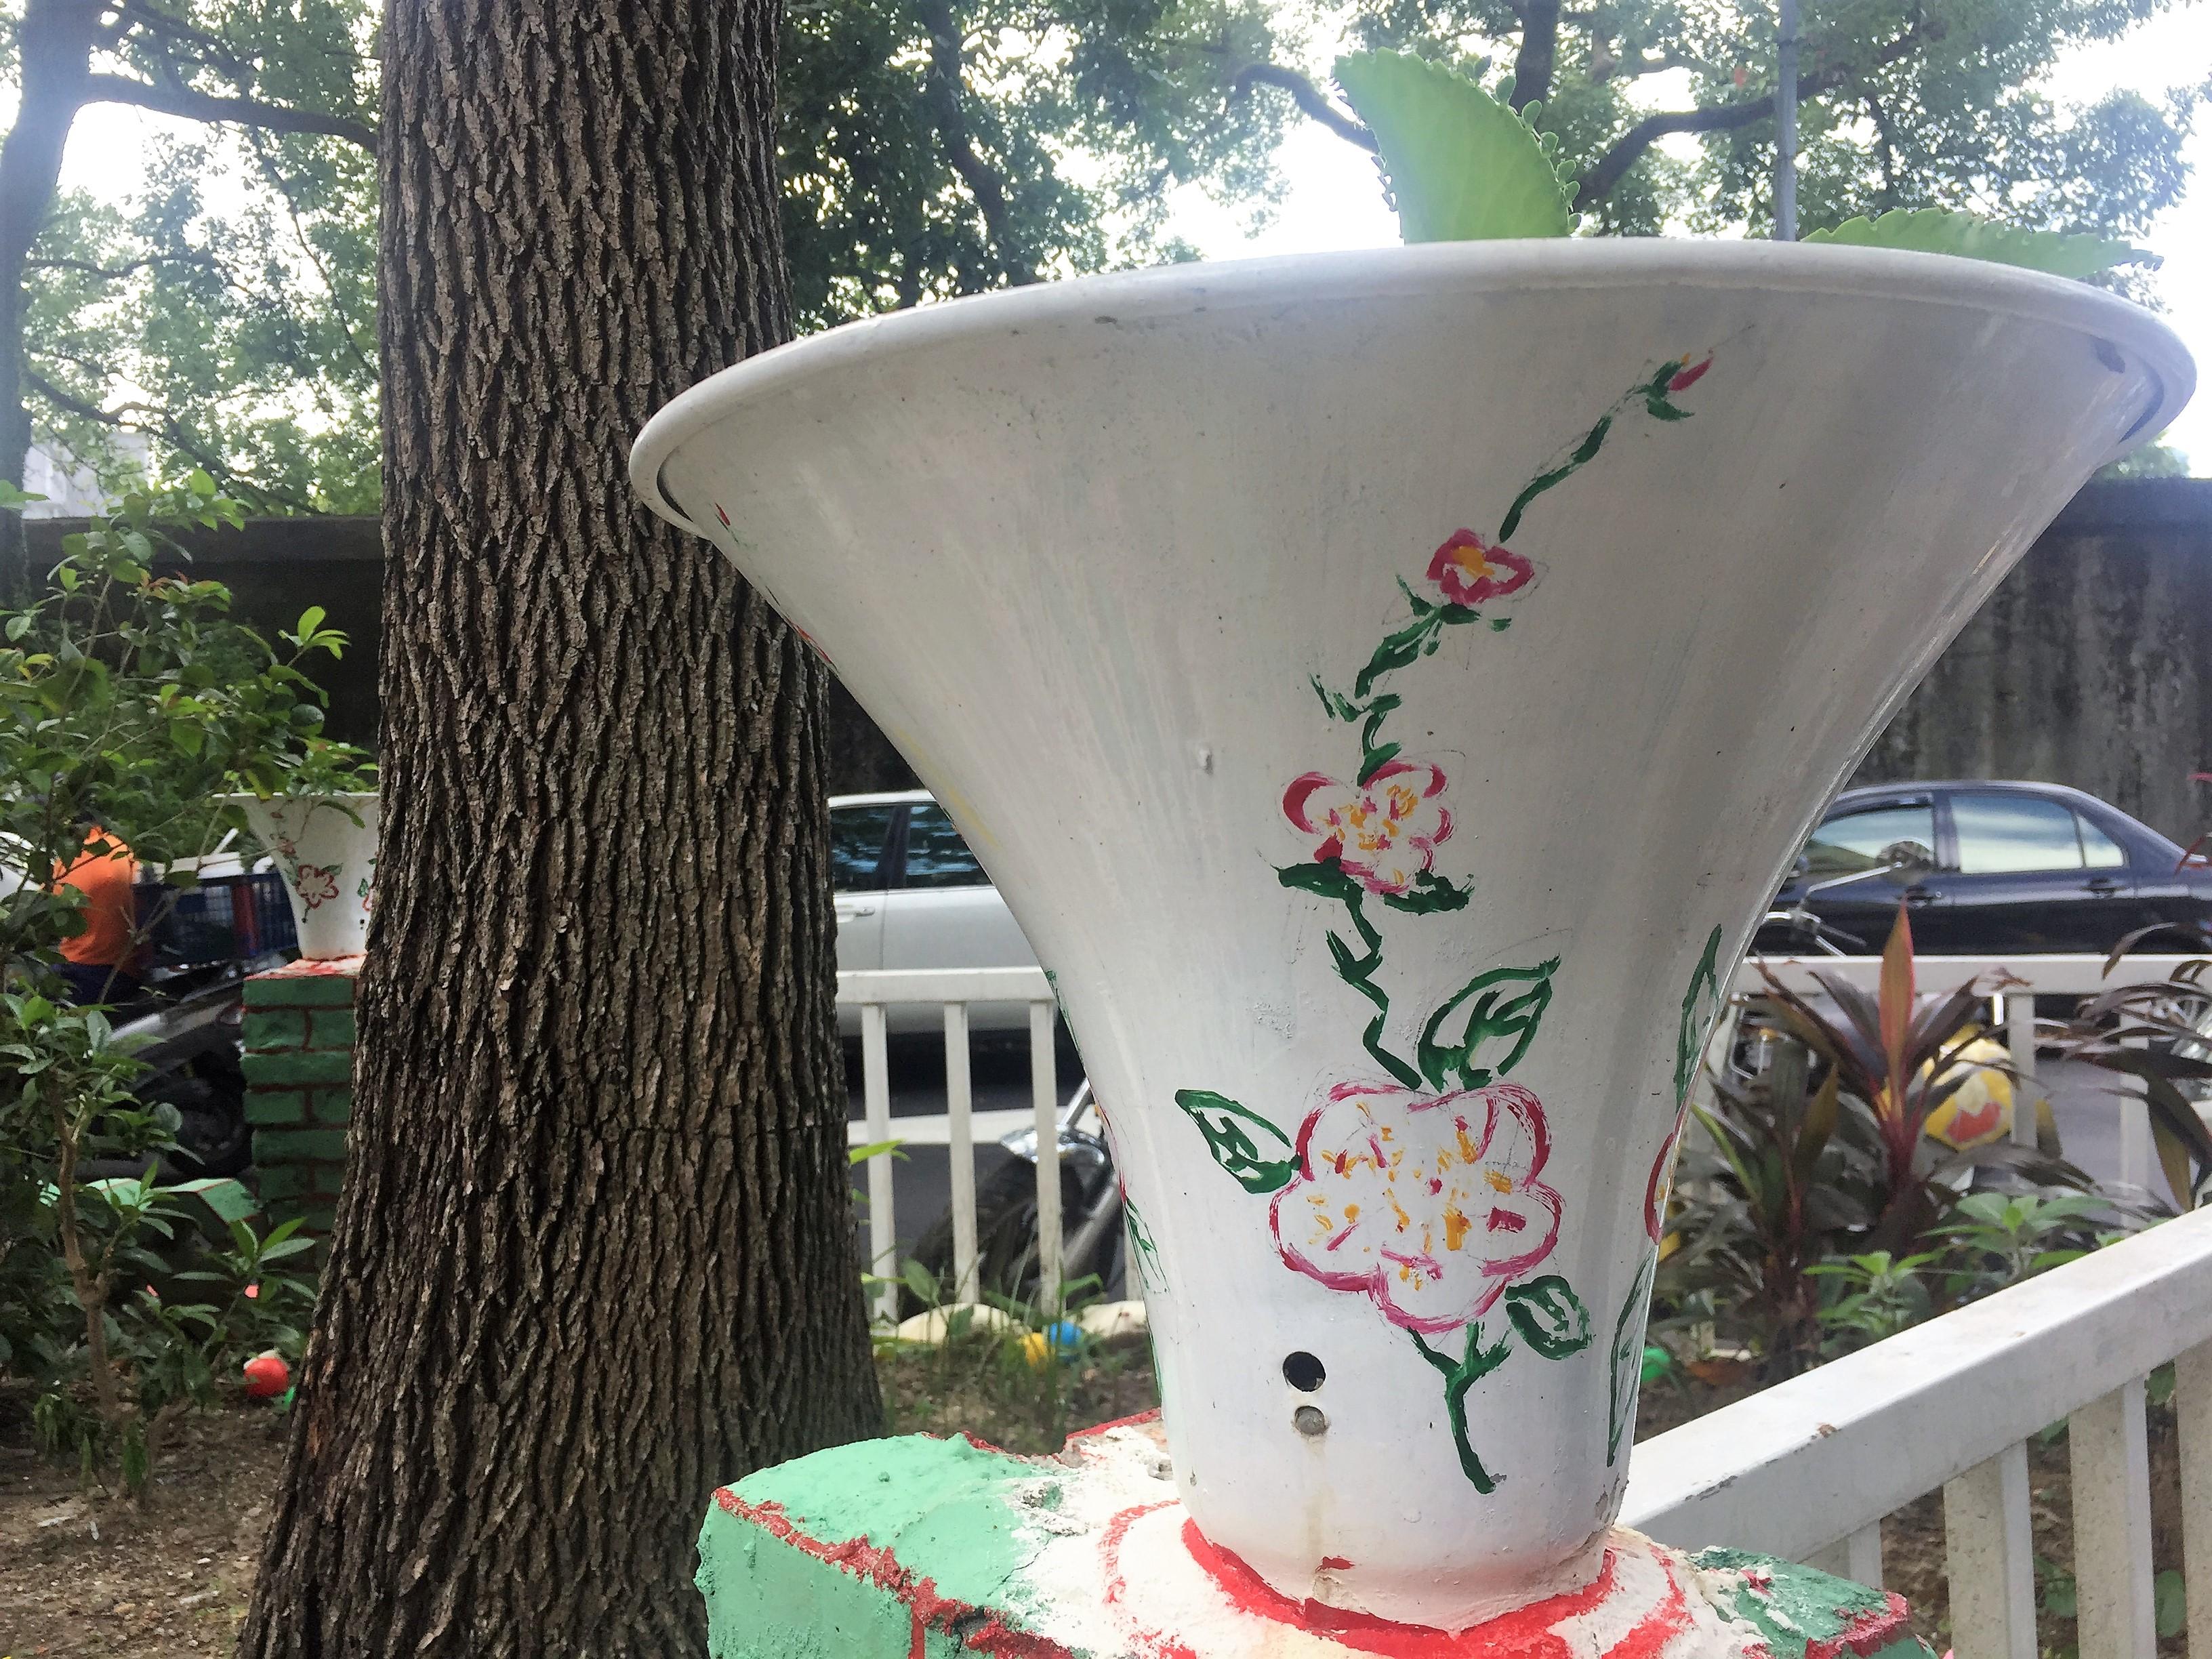 壞掉的喇叭,回收再利用,用油漆做彩繪,把喇叭做成花瓶。攝影/孔祥智